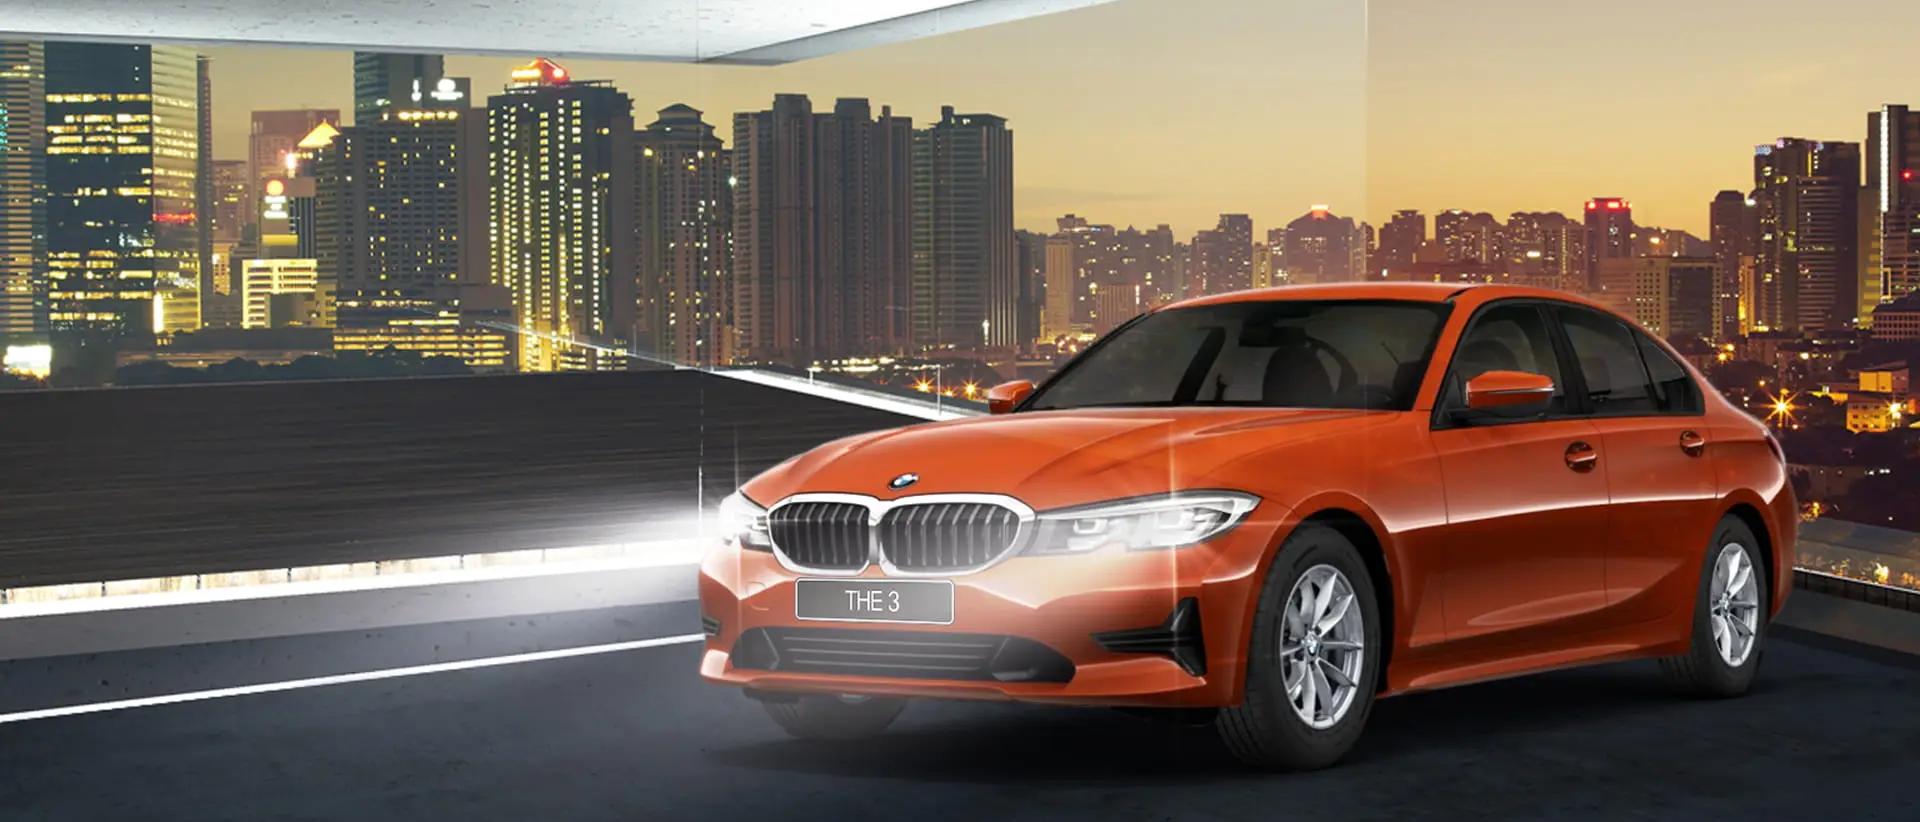 Купить новый БМВ Х1 2020-2021 в Москве в автосалоне официального дилера BMW Автодом Внуково